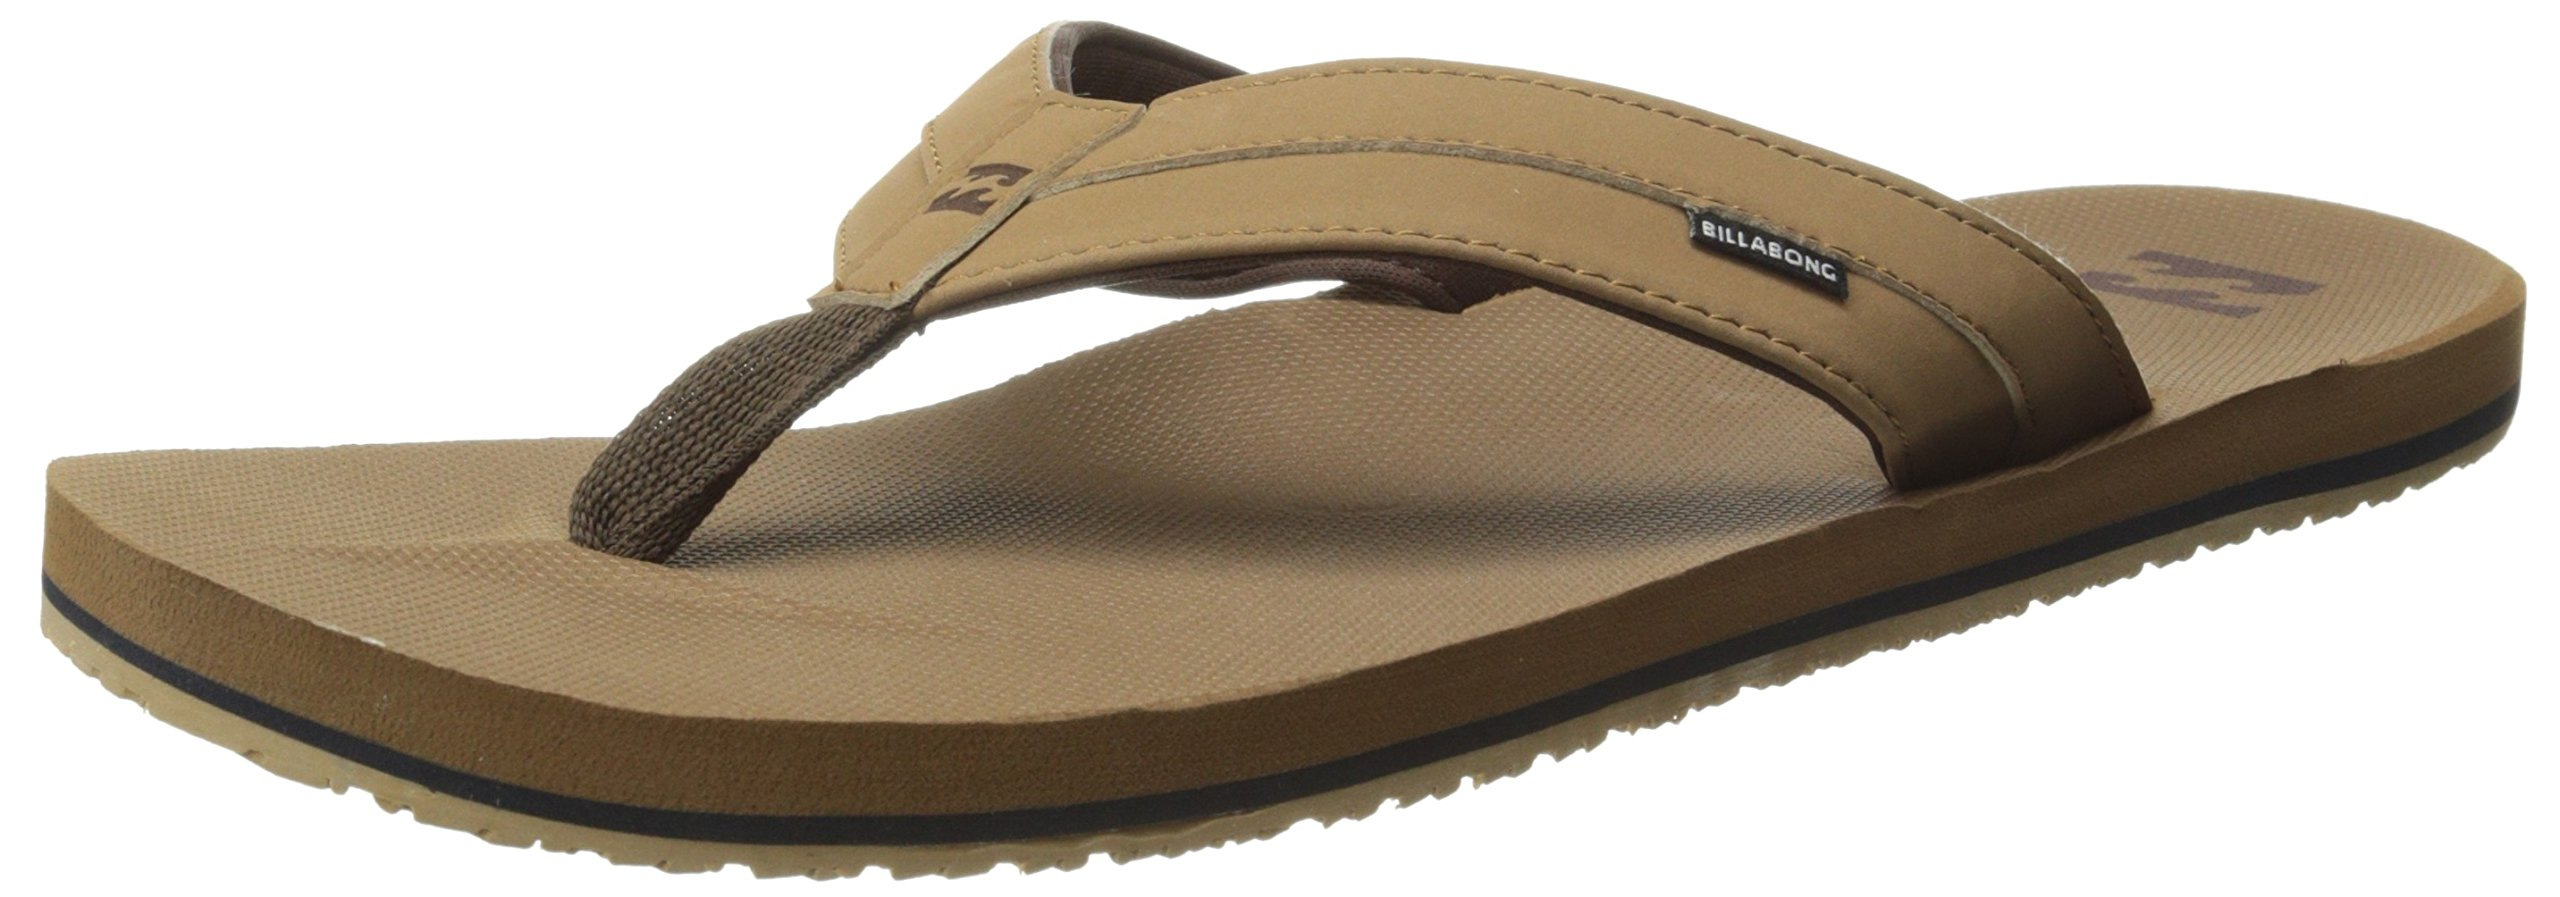 Billabong Men's All Day Impact Sandals Camel 11